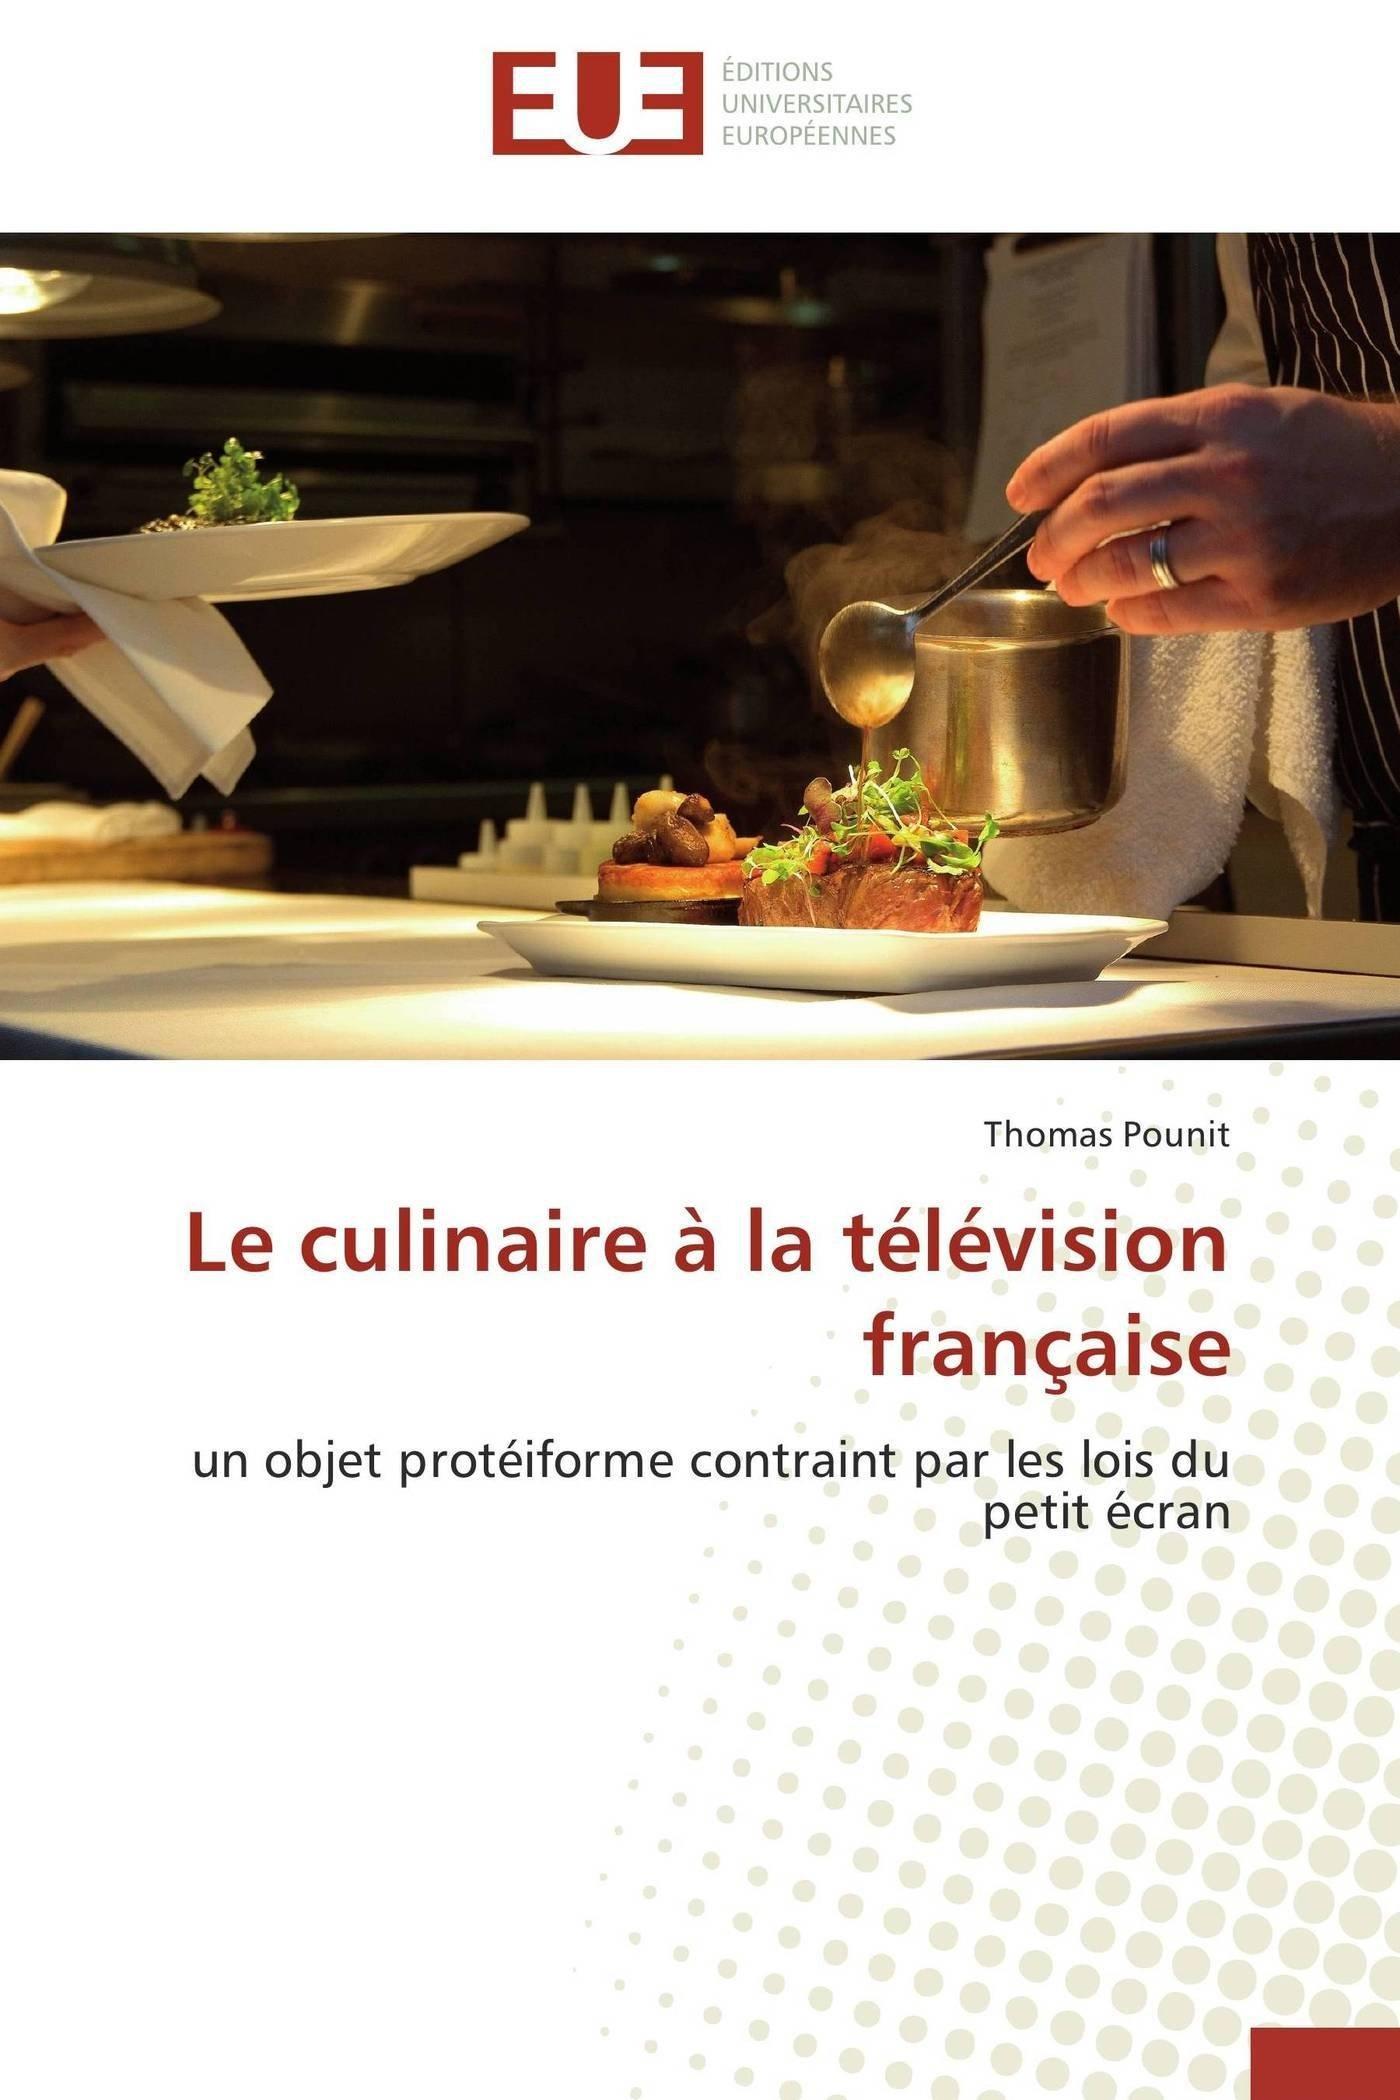 Download Le culinaire à la télévision française: un objet protéiforme contraint par les lois du petit écran (French Edition) PDF Text fb2 ebook